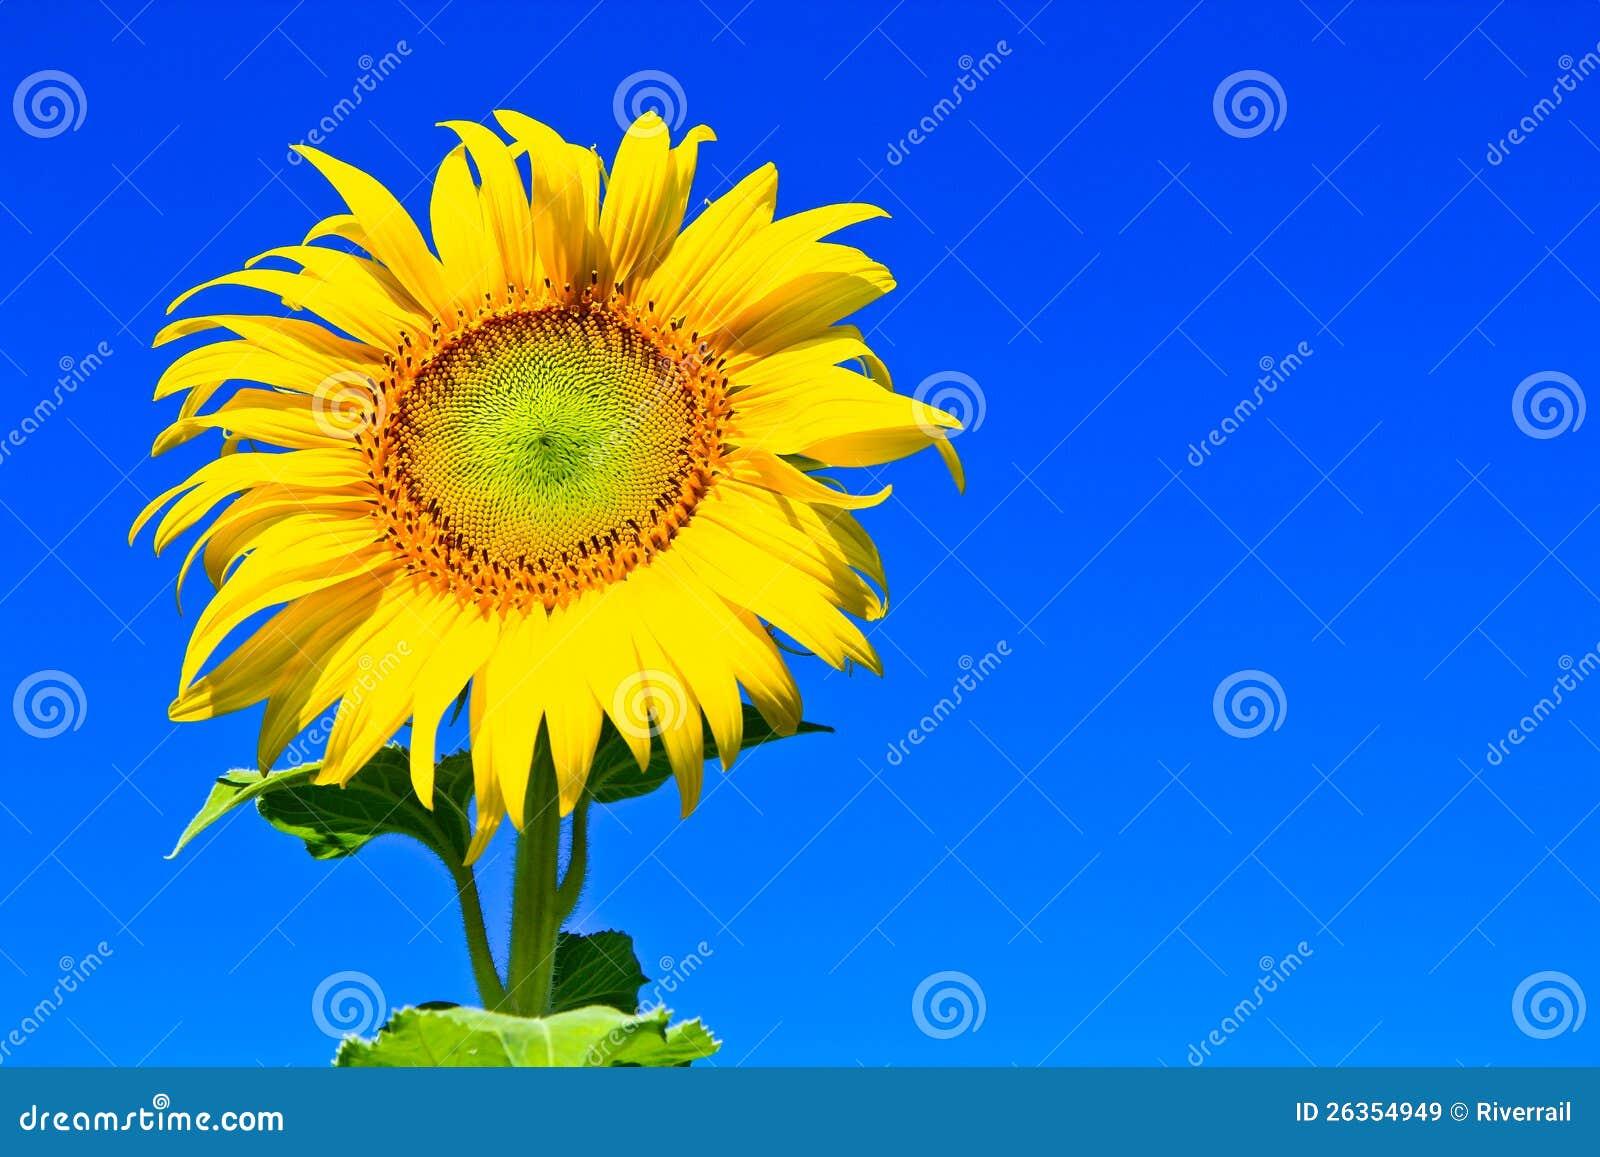 Sonnenblume in Thailand